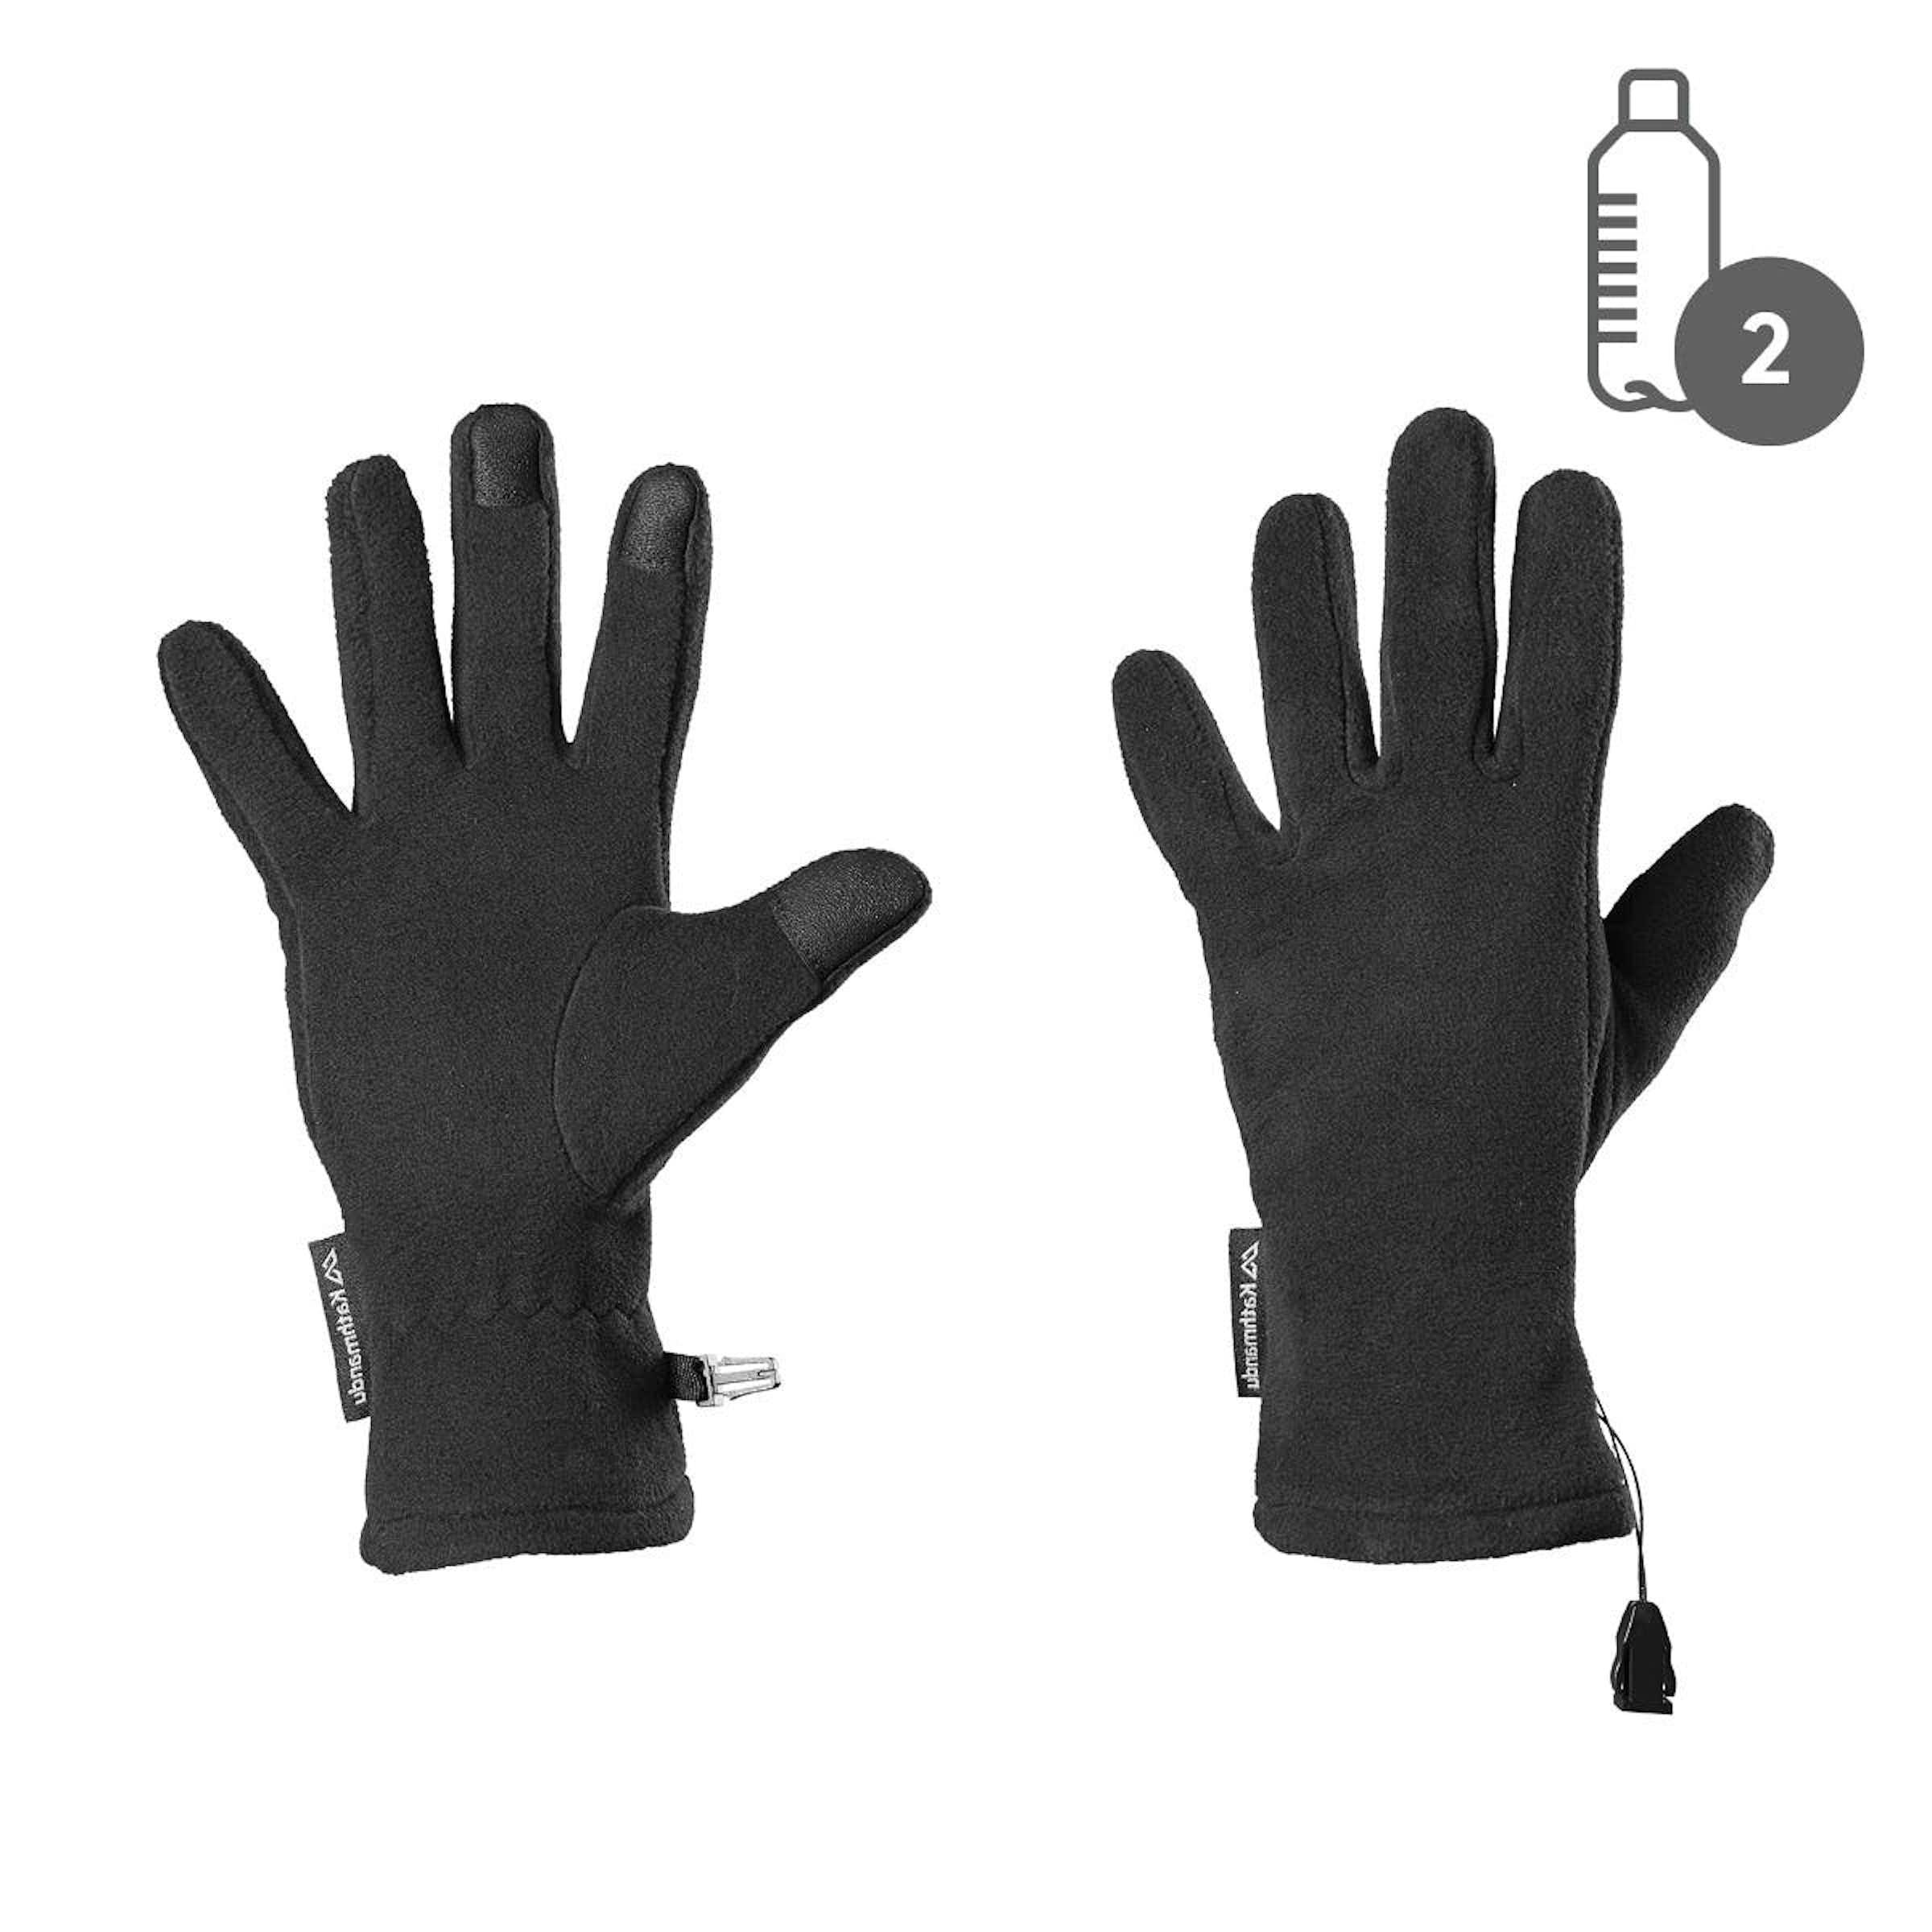 ce540483247 Fleece Gloves v5 - Black